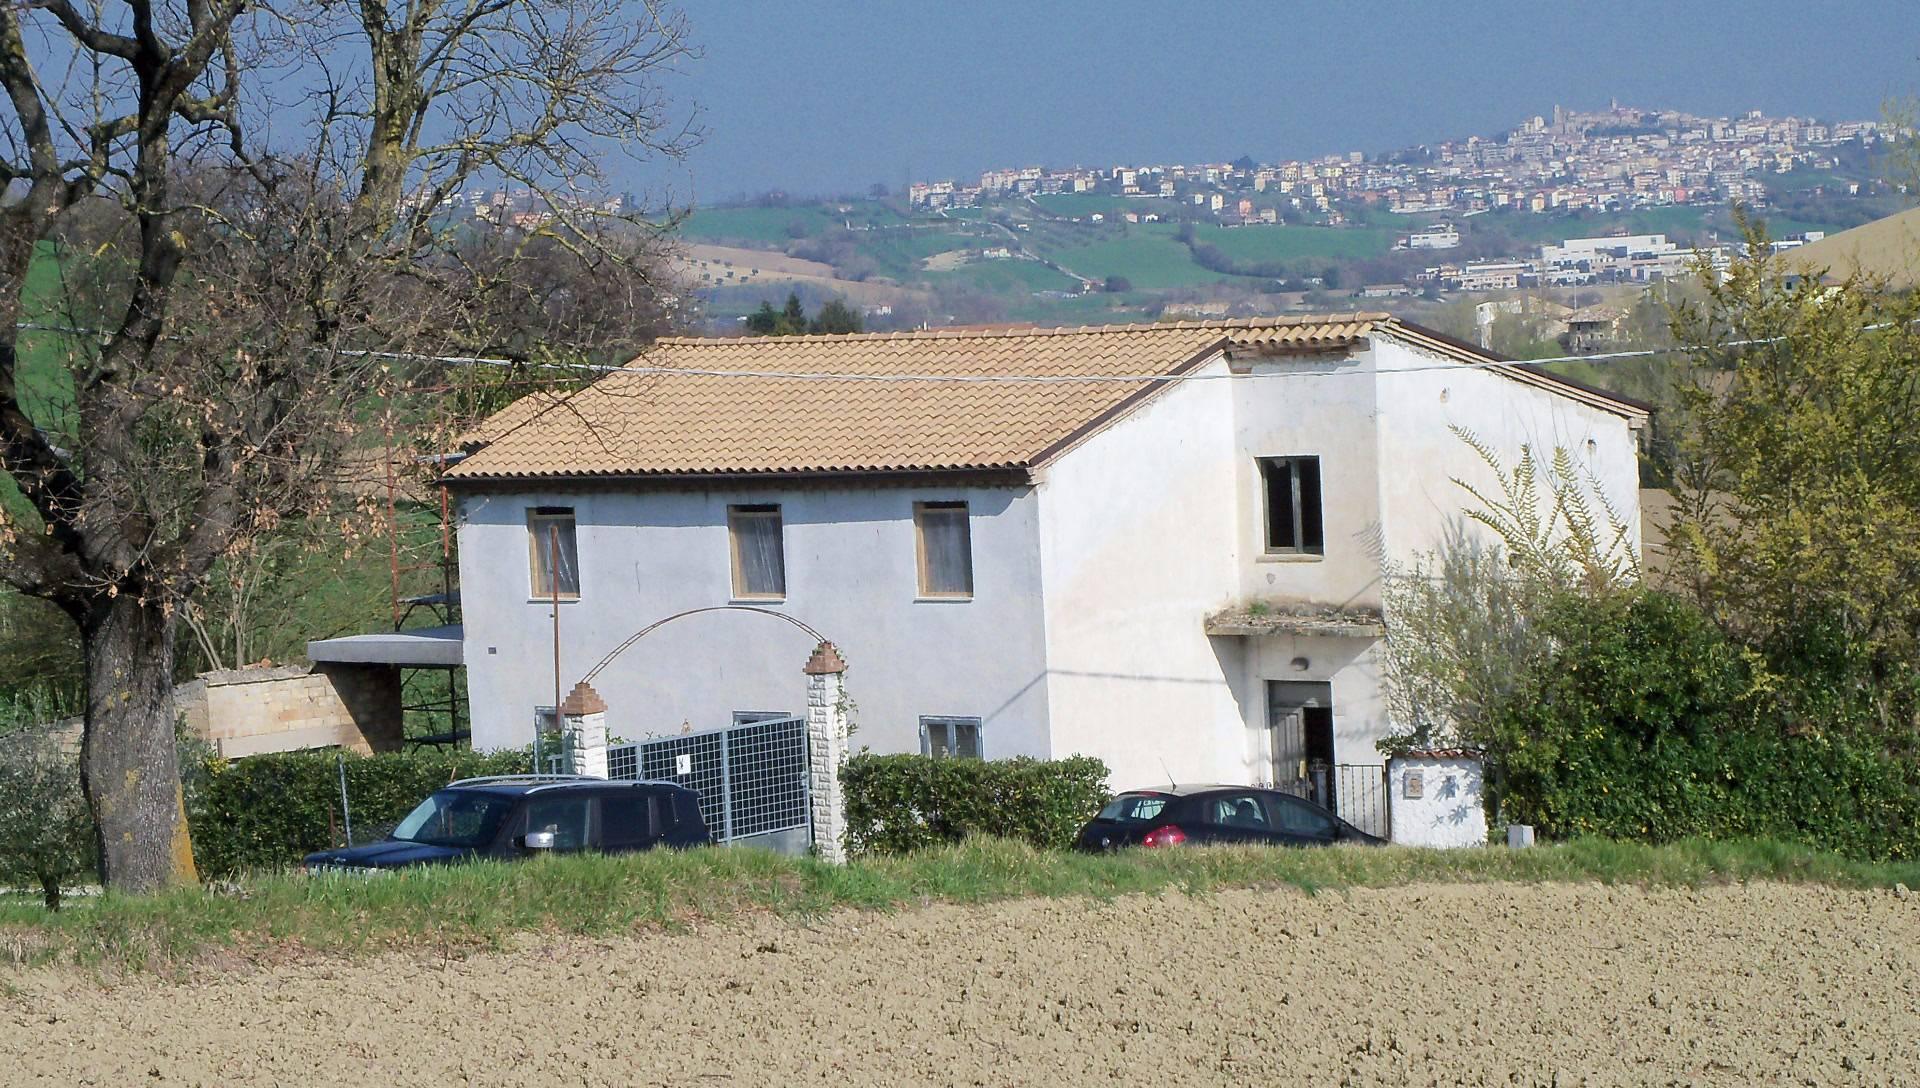 Attività / Licenza in vendita a Fermo, 8 locali, prezzo € 170.000 | CambioCasa.it